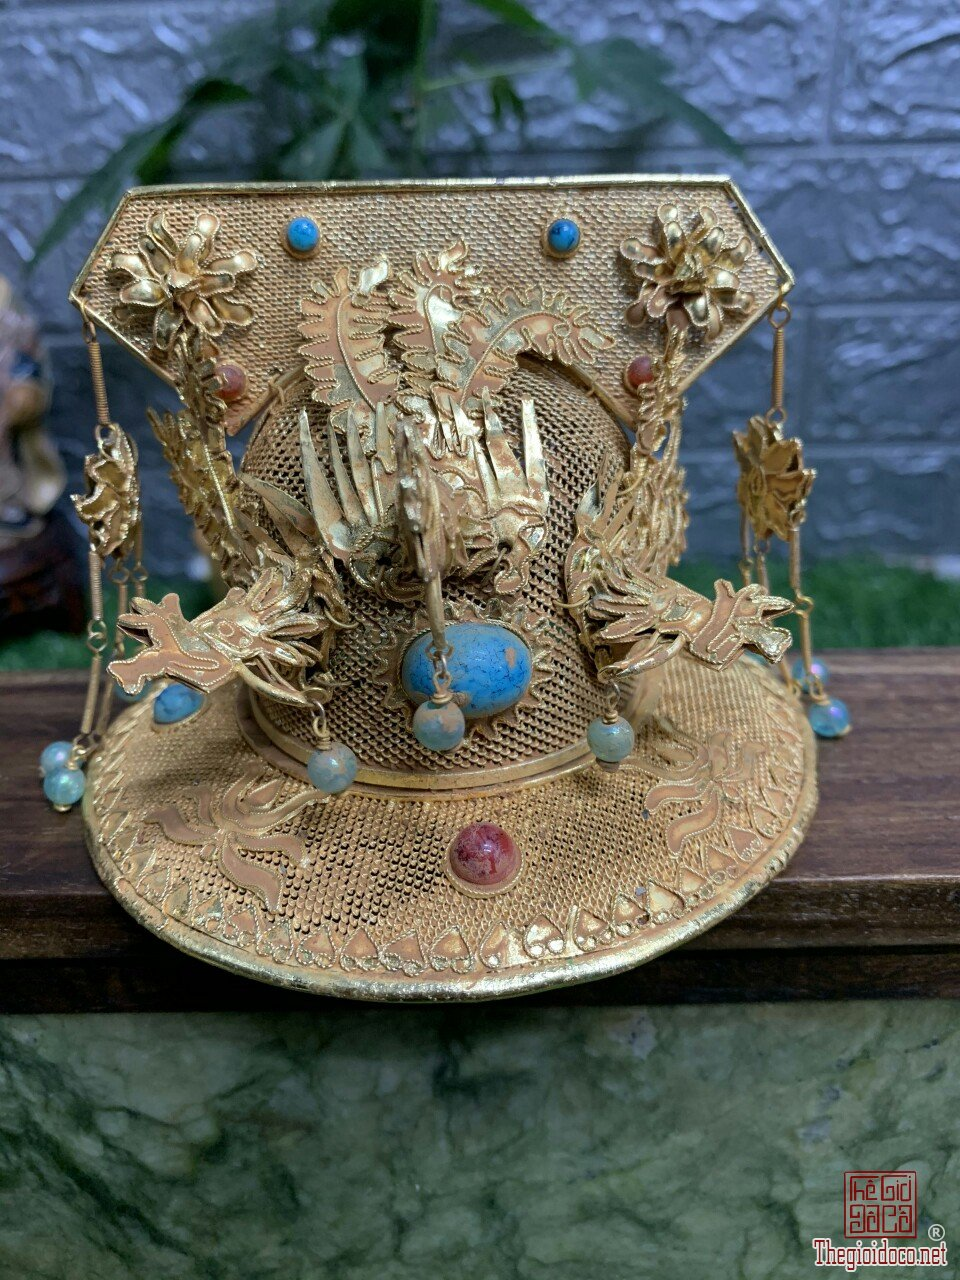 Mũ hoàng hậu độc lạ quý hiếm hàng rất hiếm